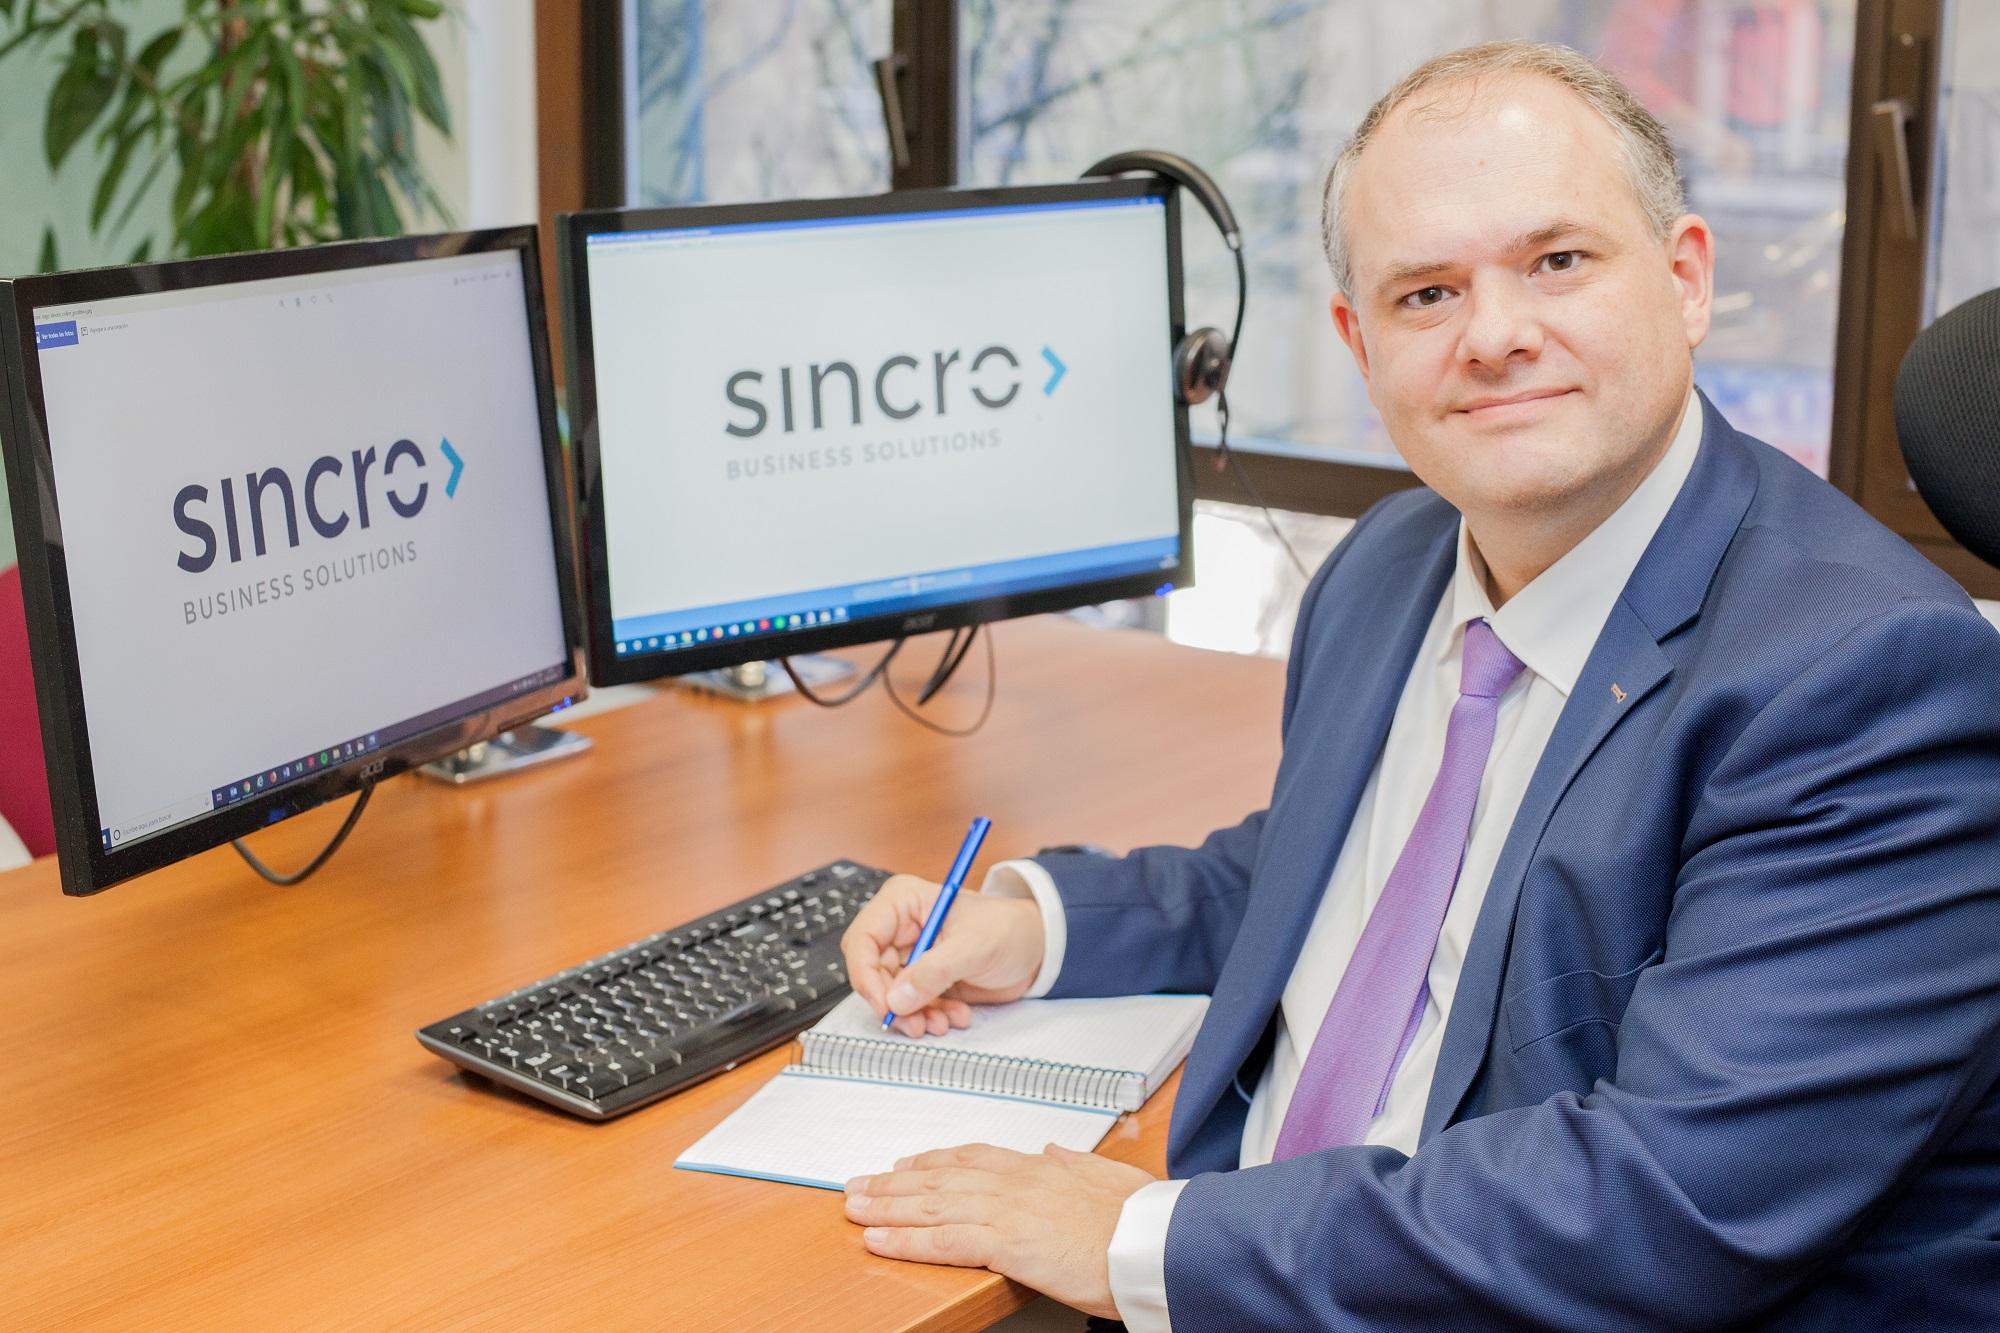 Premios Alares 2020 Carlos María Ruiz, CEO de Sincro Business Solutions